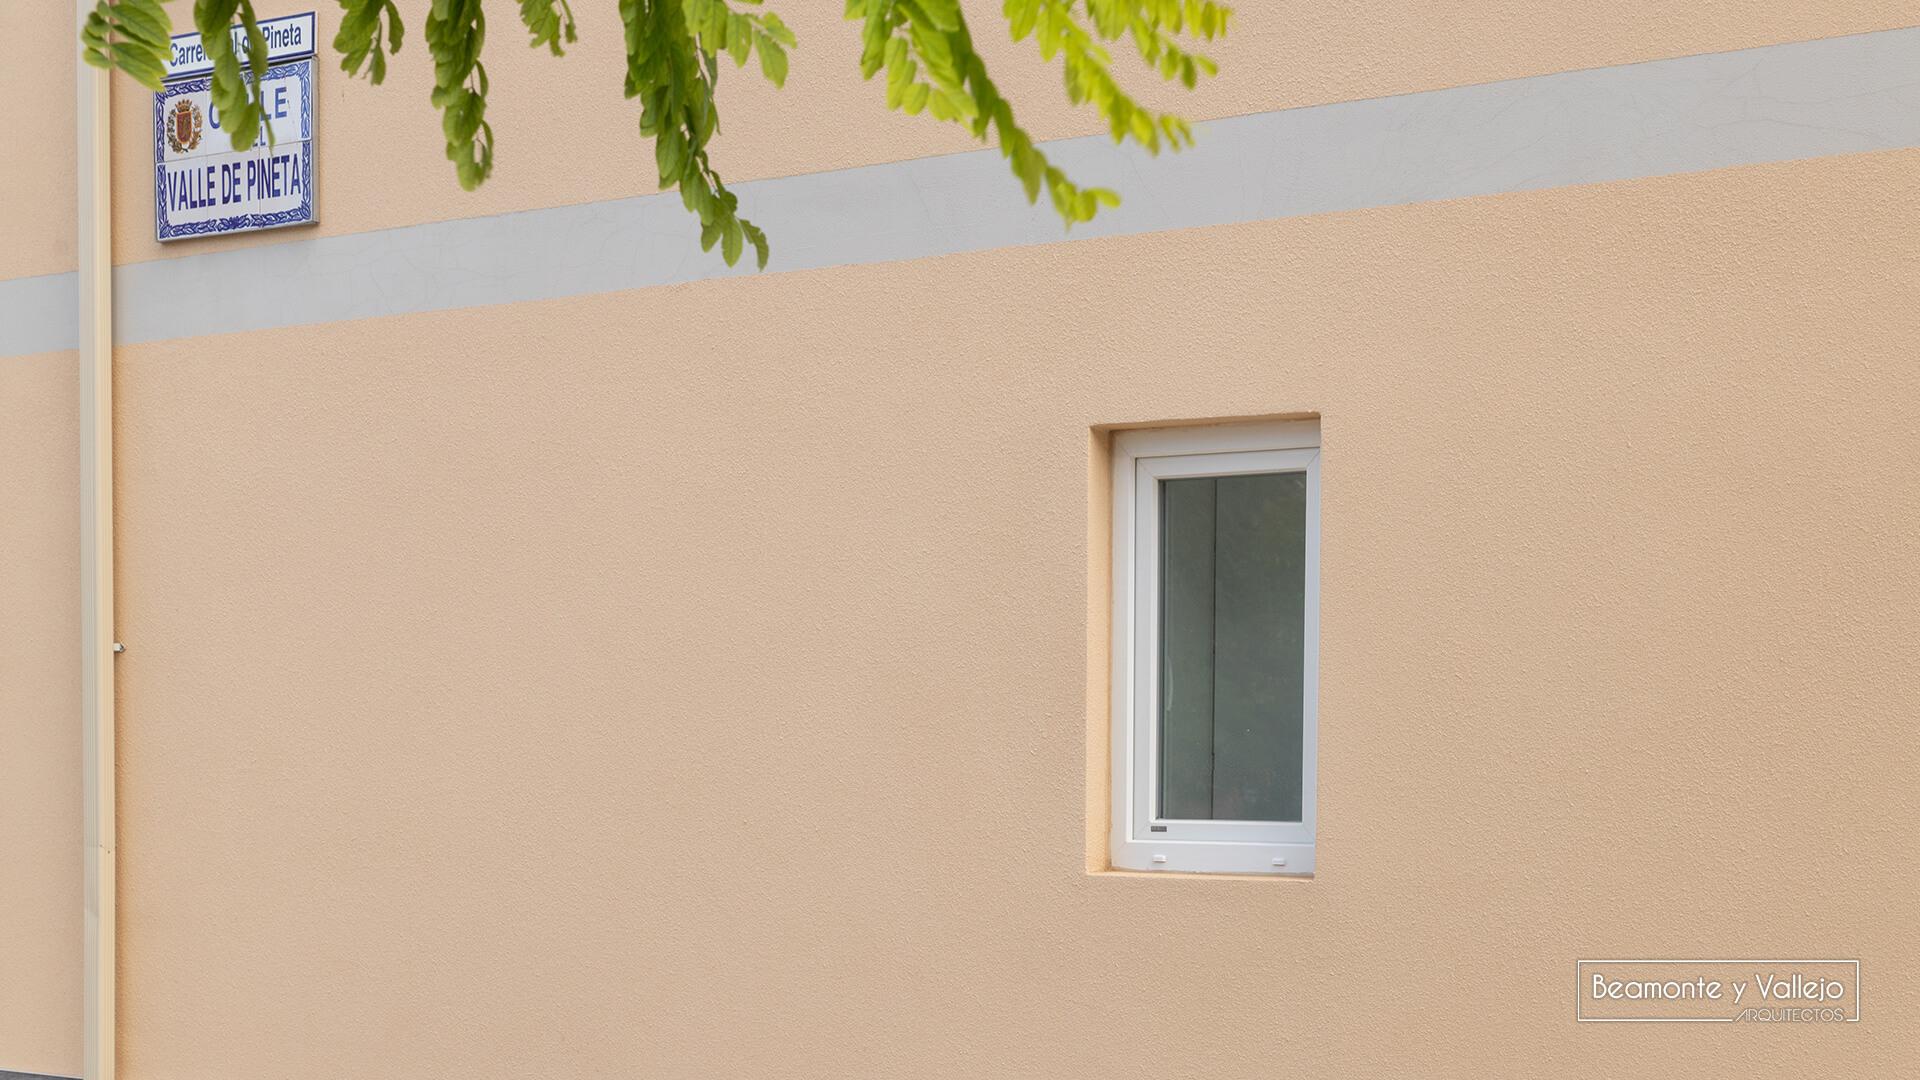 Beamonte y Vallejo arquitectos - Rehabilitación energética valle de pineta - 2